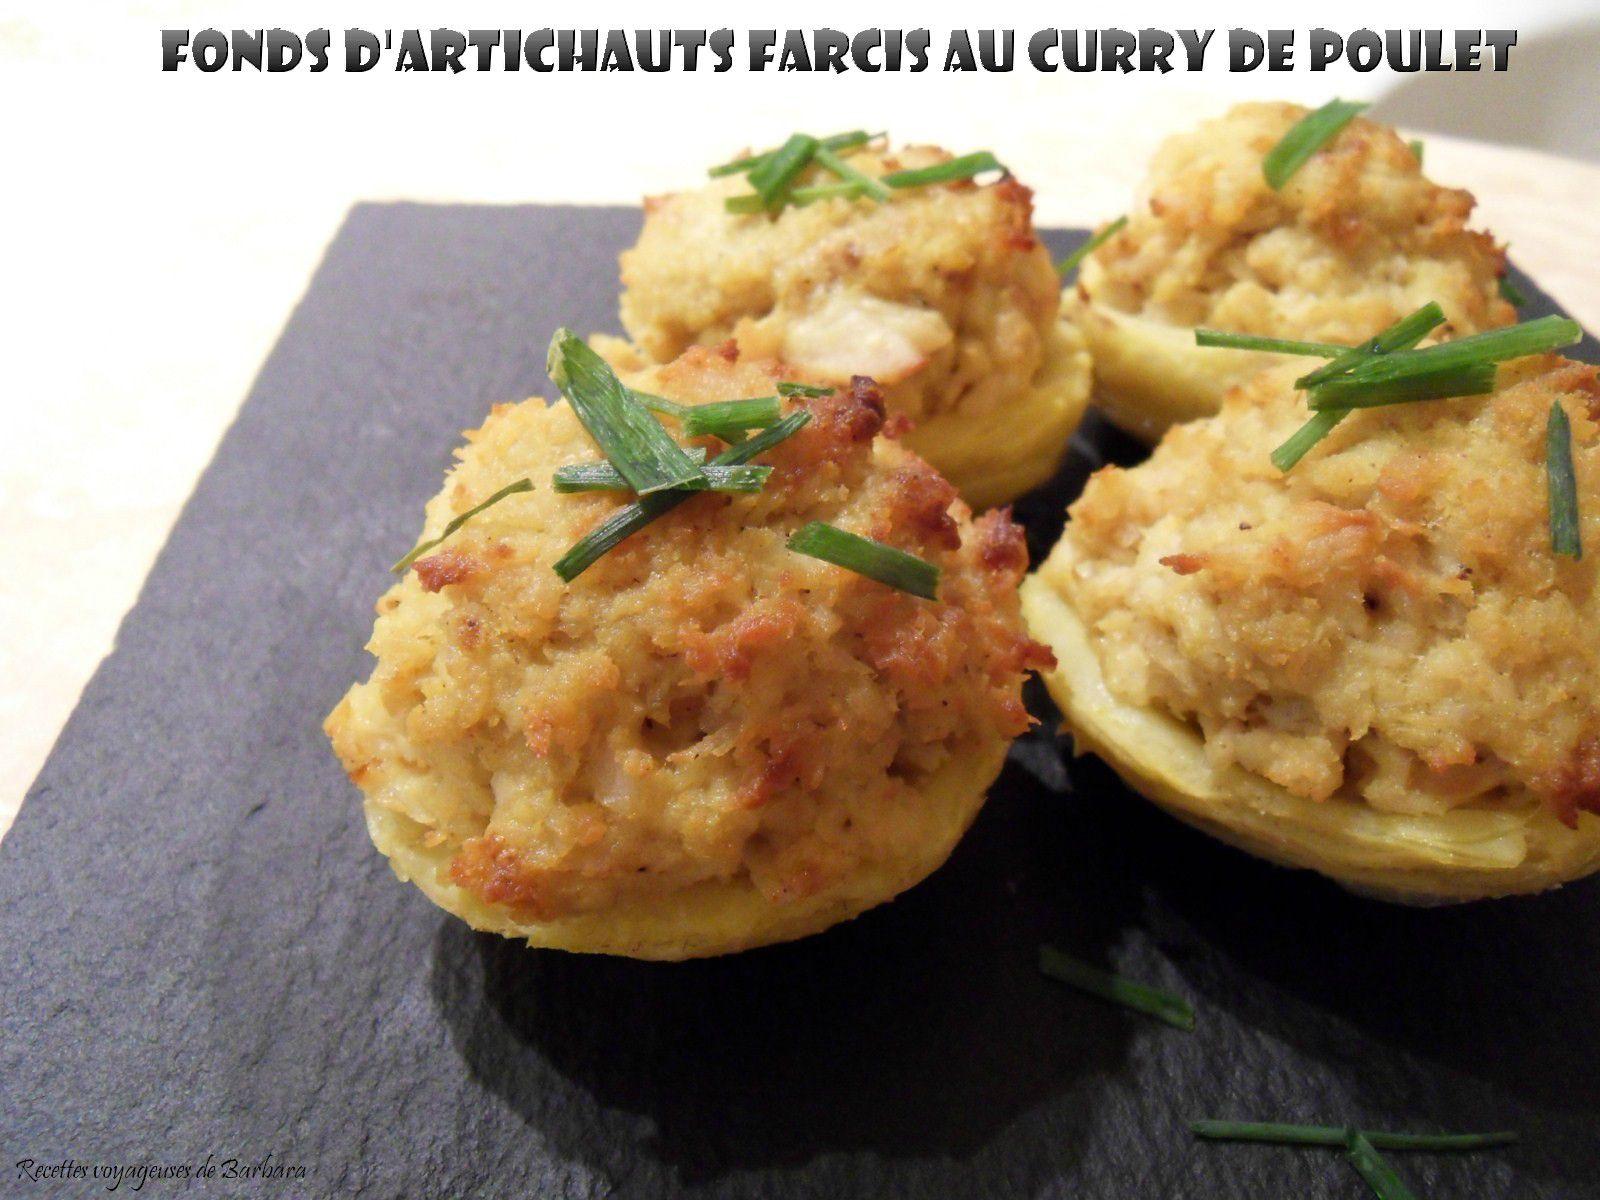 fonds d'artichauts farcis au curry de poulet1